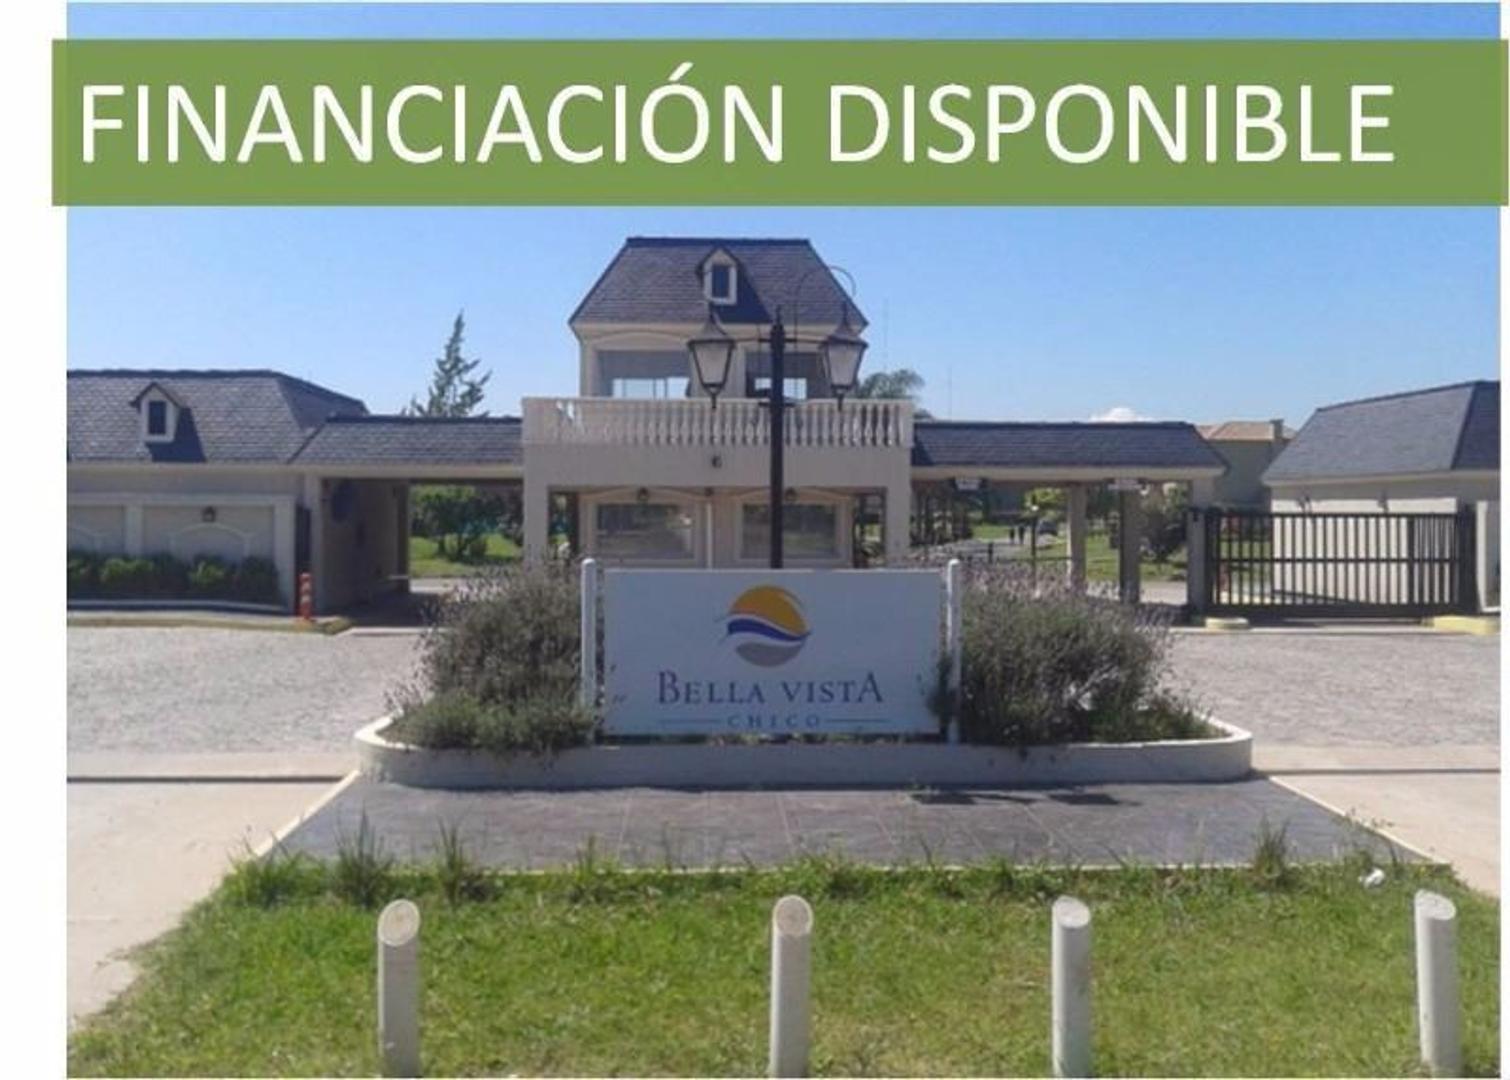 LOTE Bº Cº BELLA VISTA CHICO - FINANCIACIÓN DISPONIBLE -